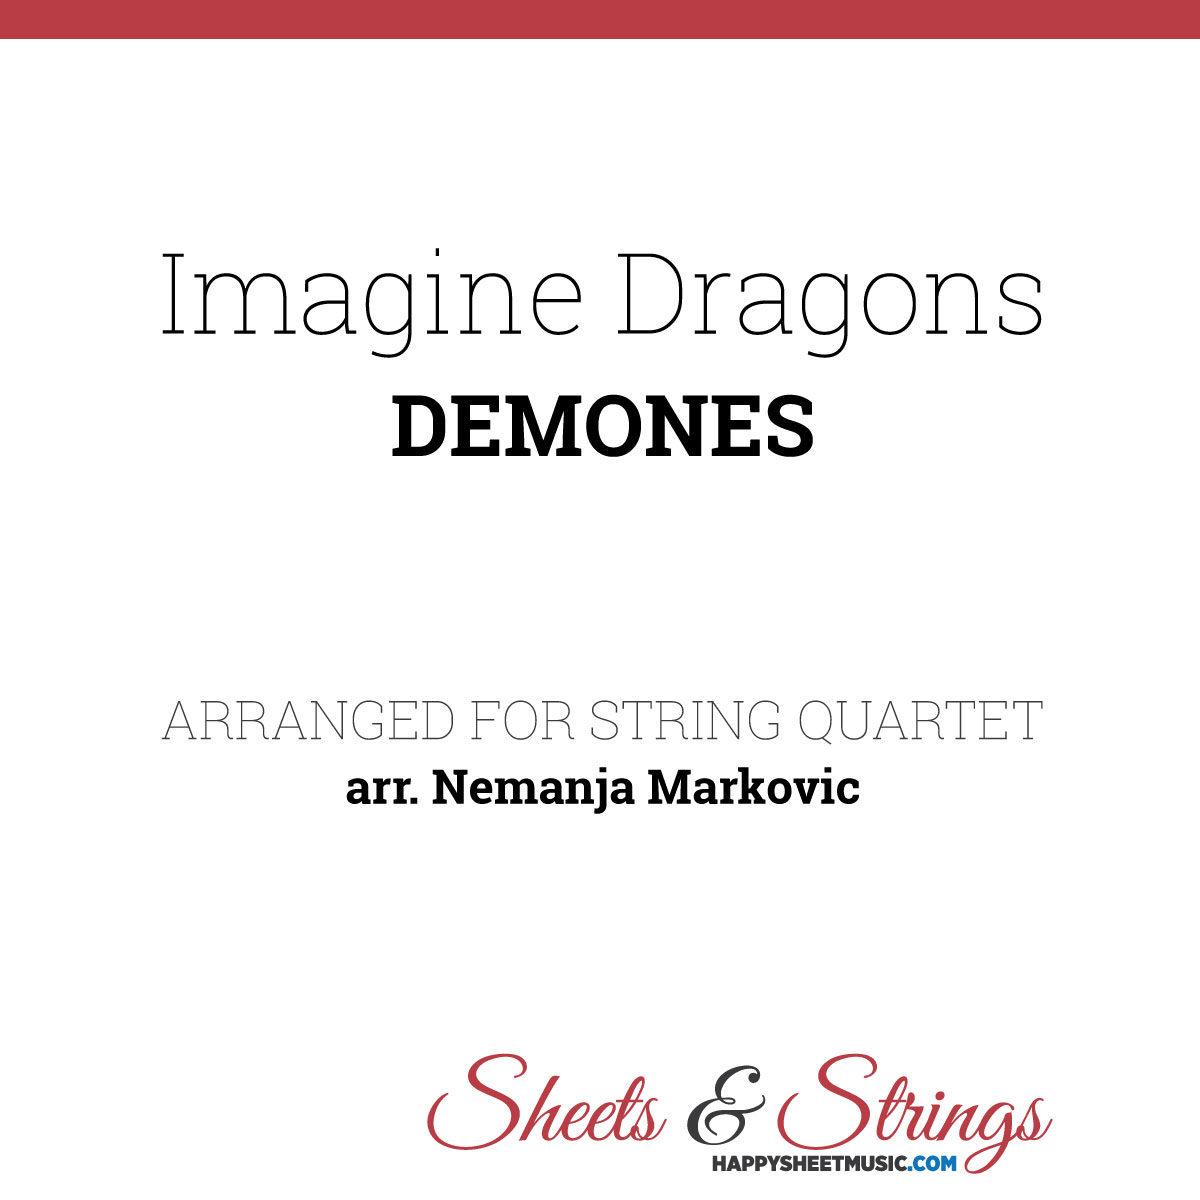 Imagine Dragons Demons Sheet Music for String Quartet